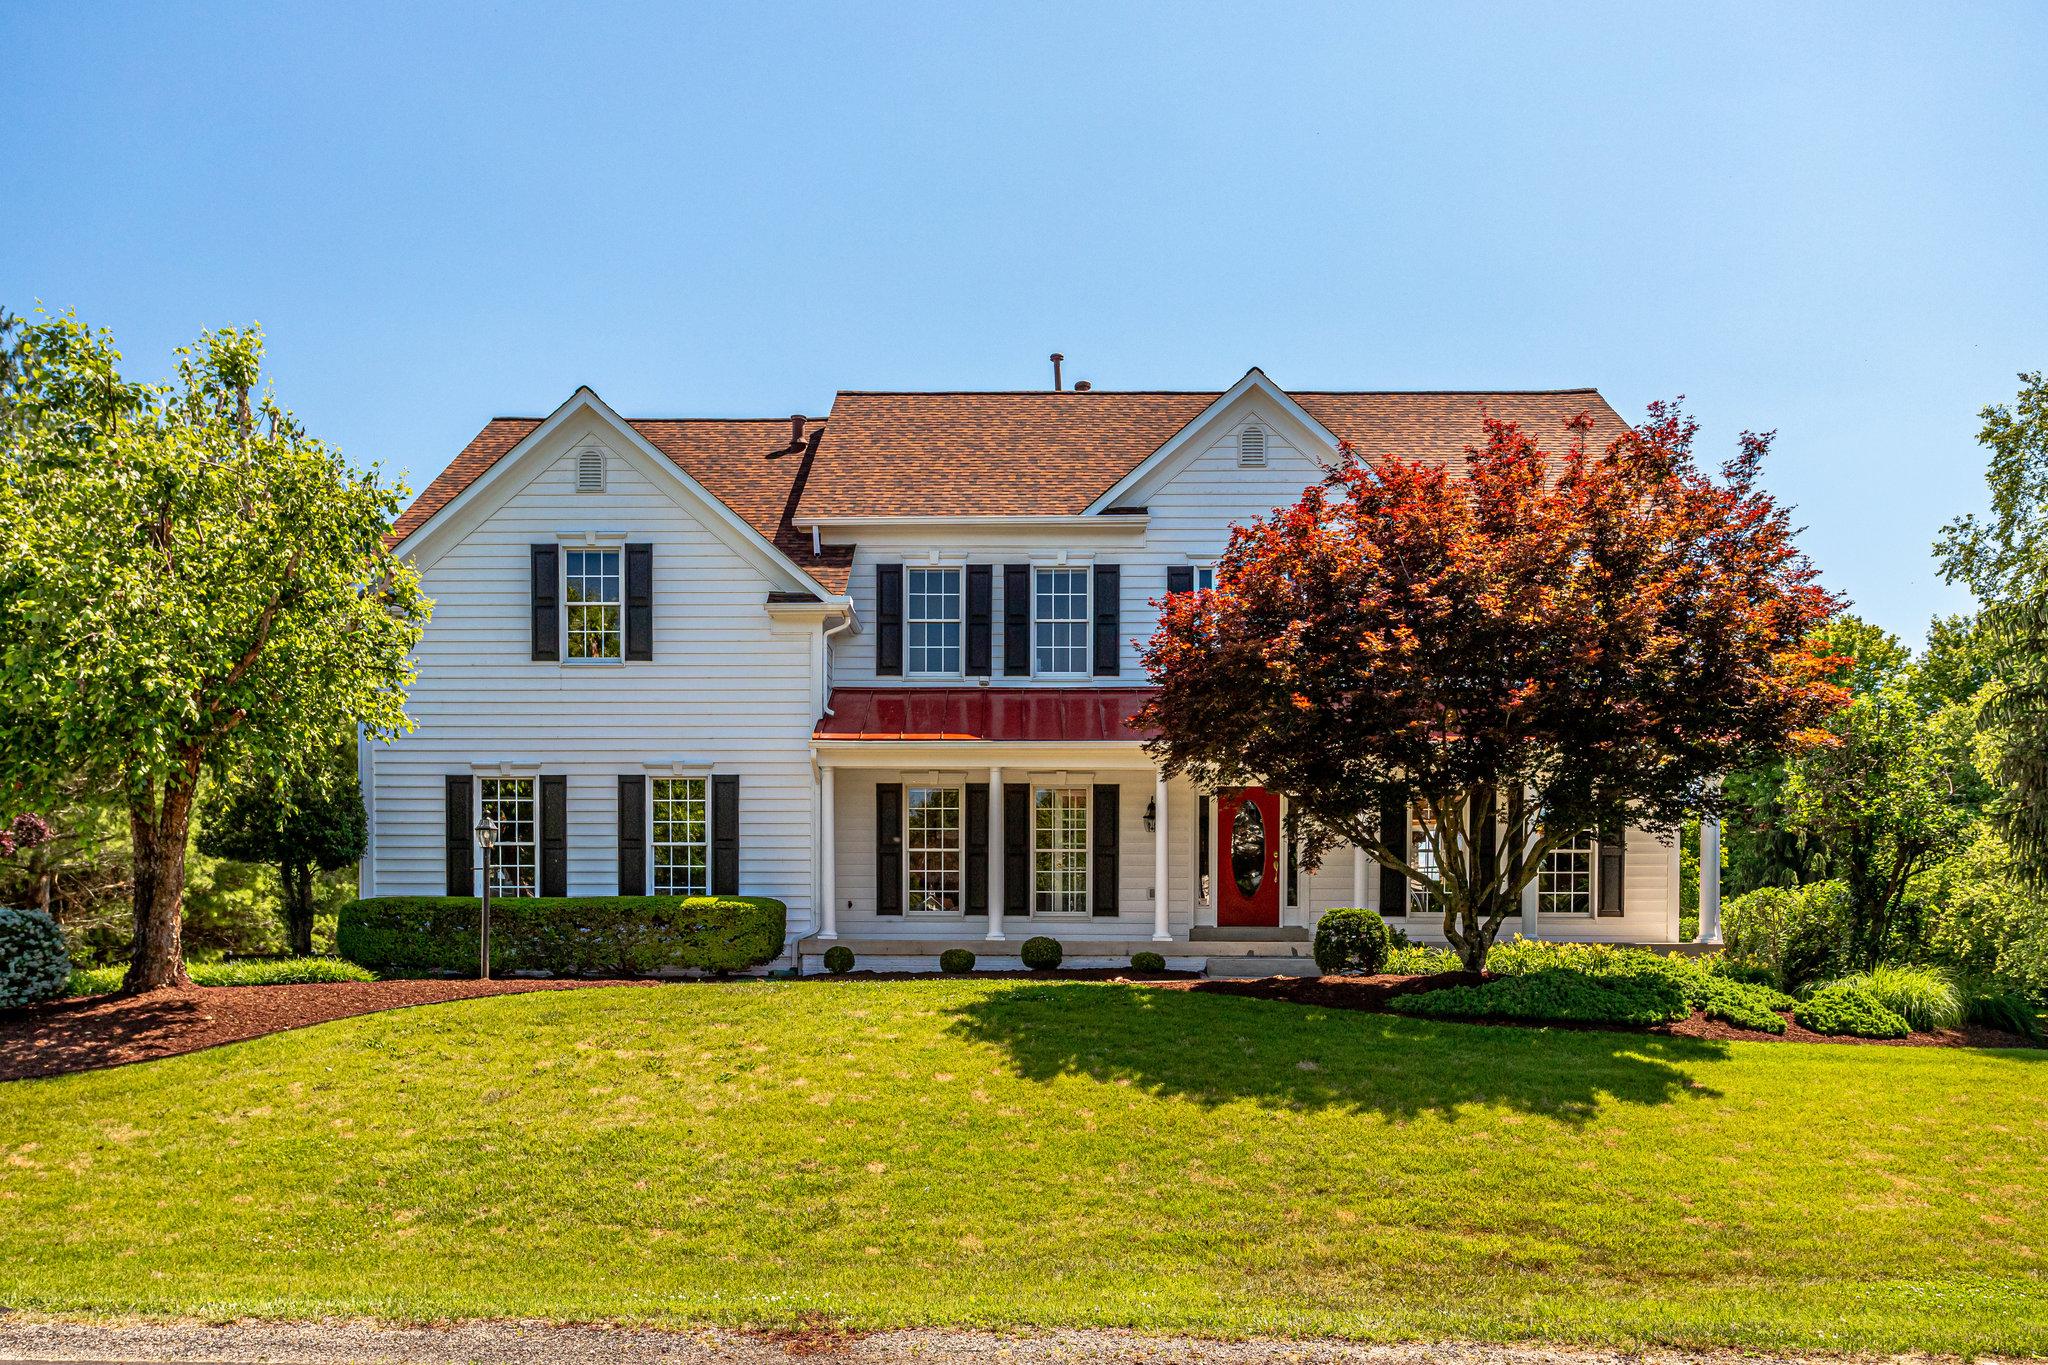 42259 Big Springs Ct, Leesburg- For Sale